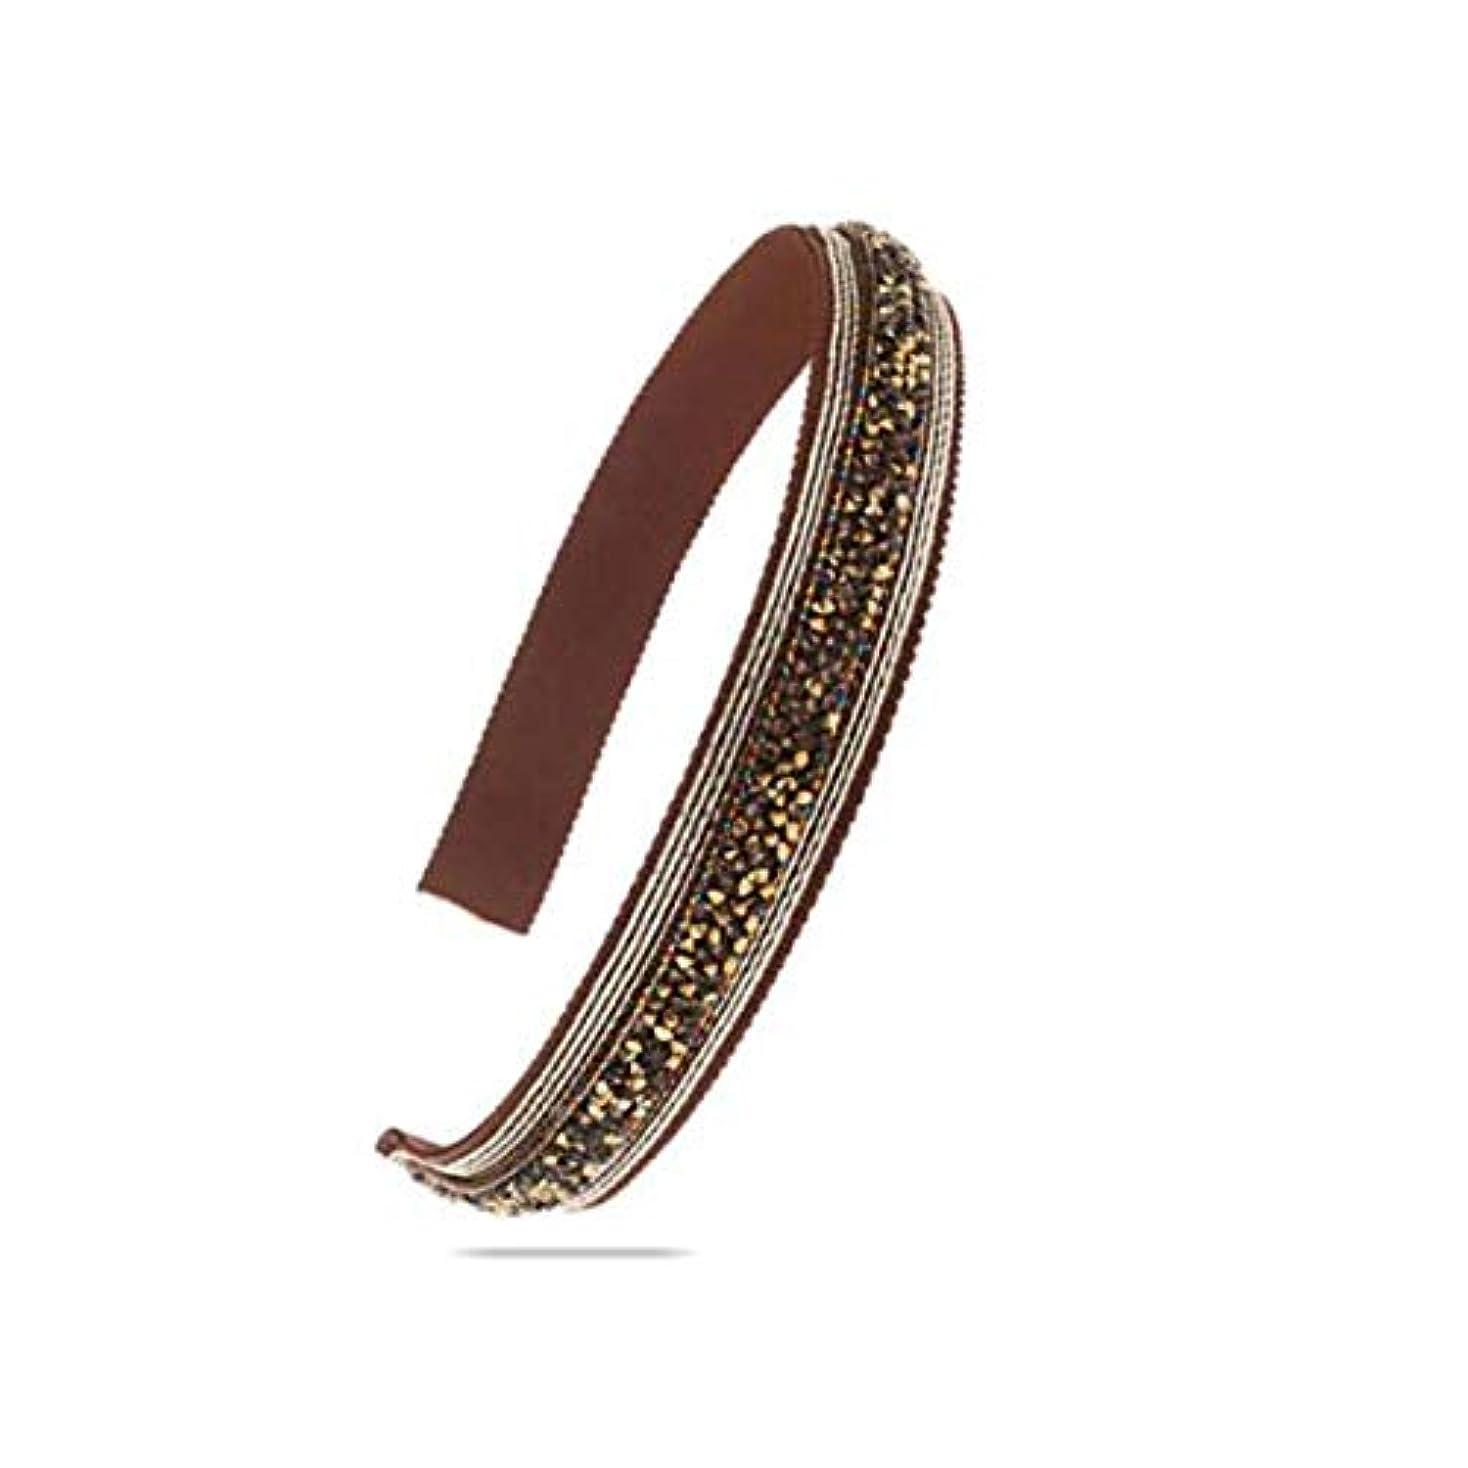 エイリアスデュアルキャプションヘアクリップ、ヘアピン、ヘアグリップ、ヘアグリップ、帽子ヘアアクセサリーヘッドバンドヘッドバンドヘアピンファブリックゴールドブラウン (Color : Gold brown)